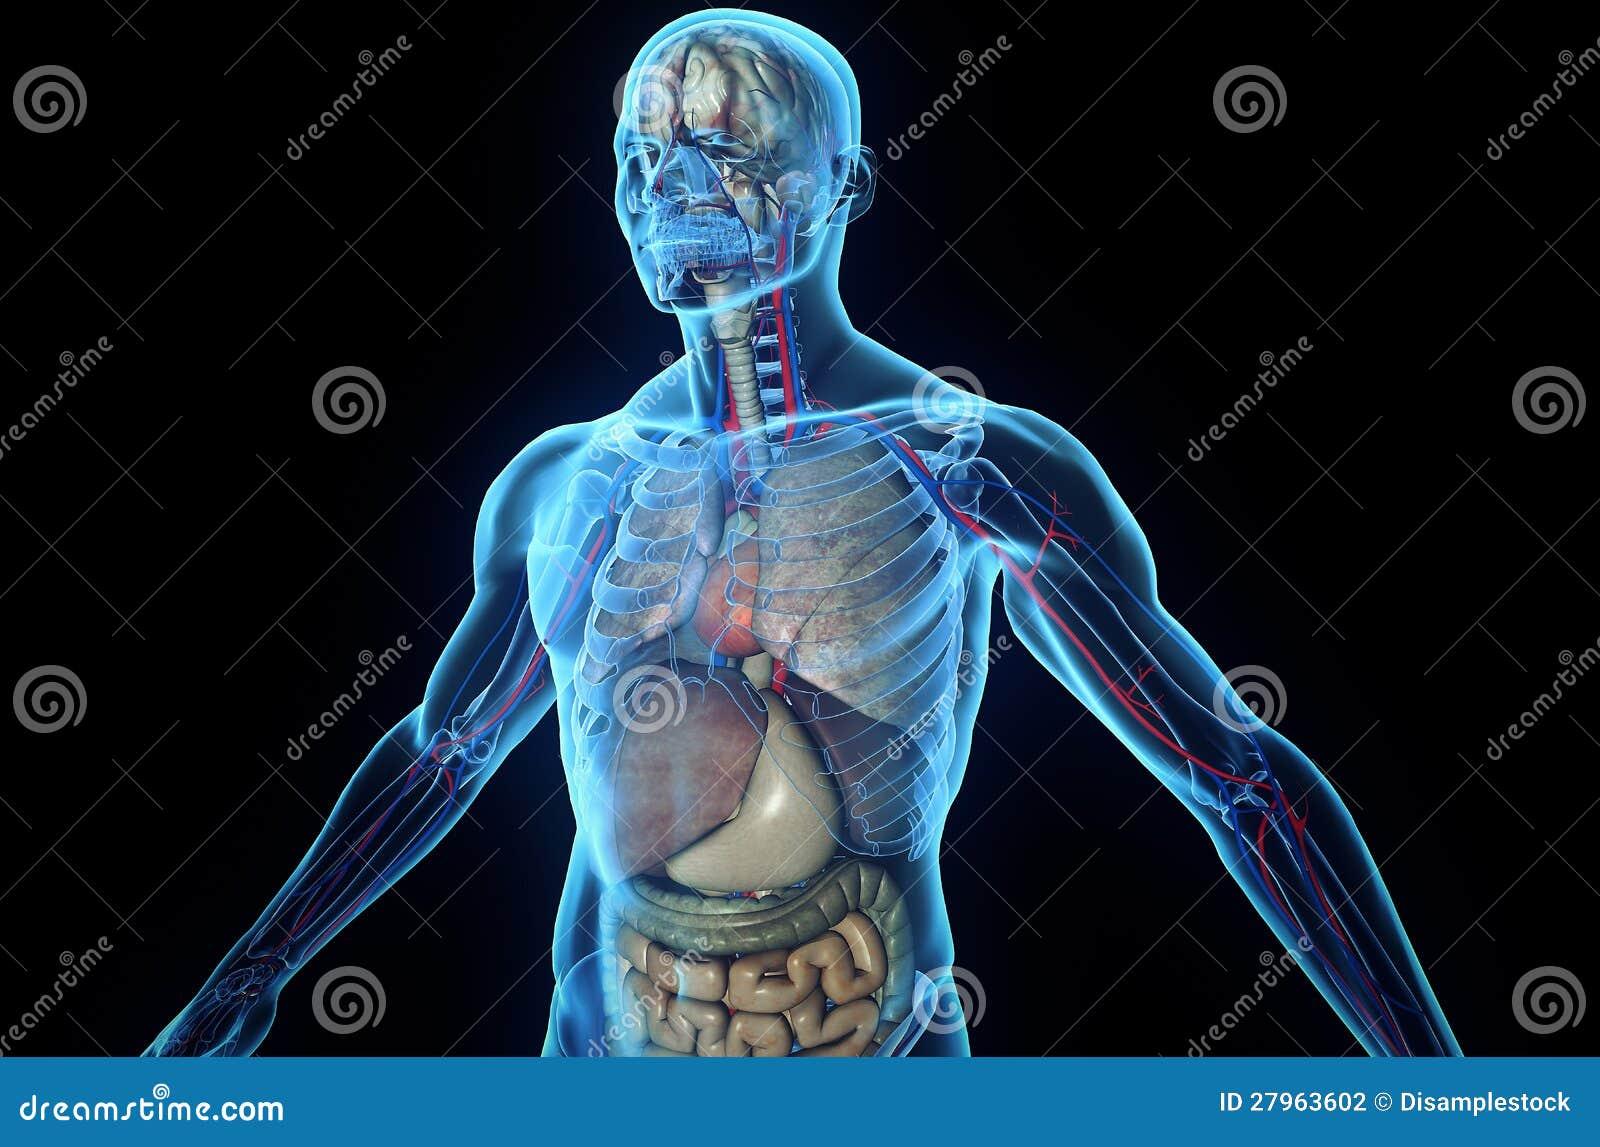 Perfecto Modelos De La Anatomía Humana 3d Modelo - Imágenes de ...